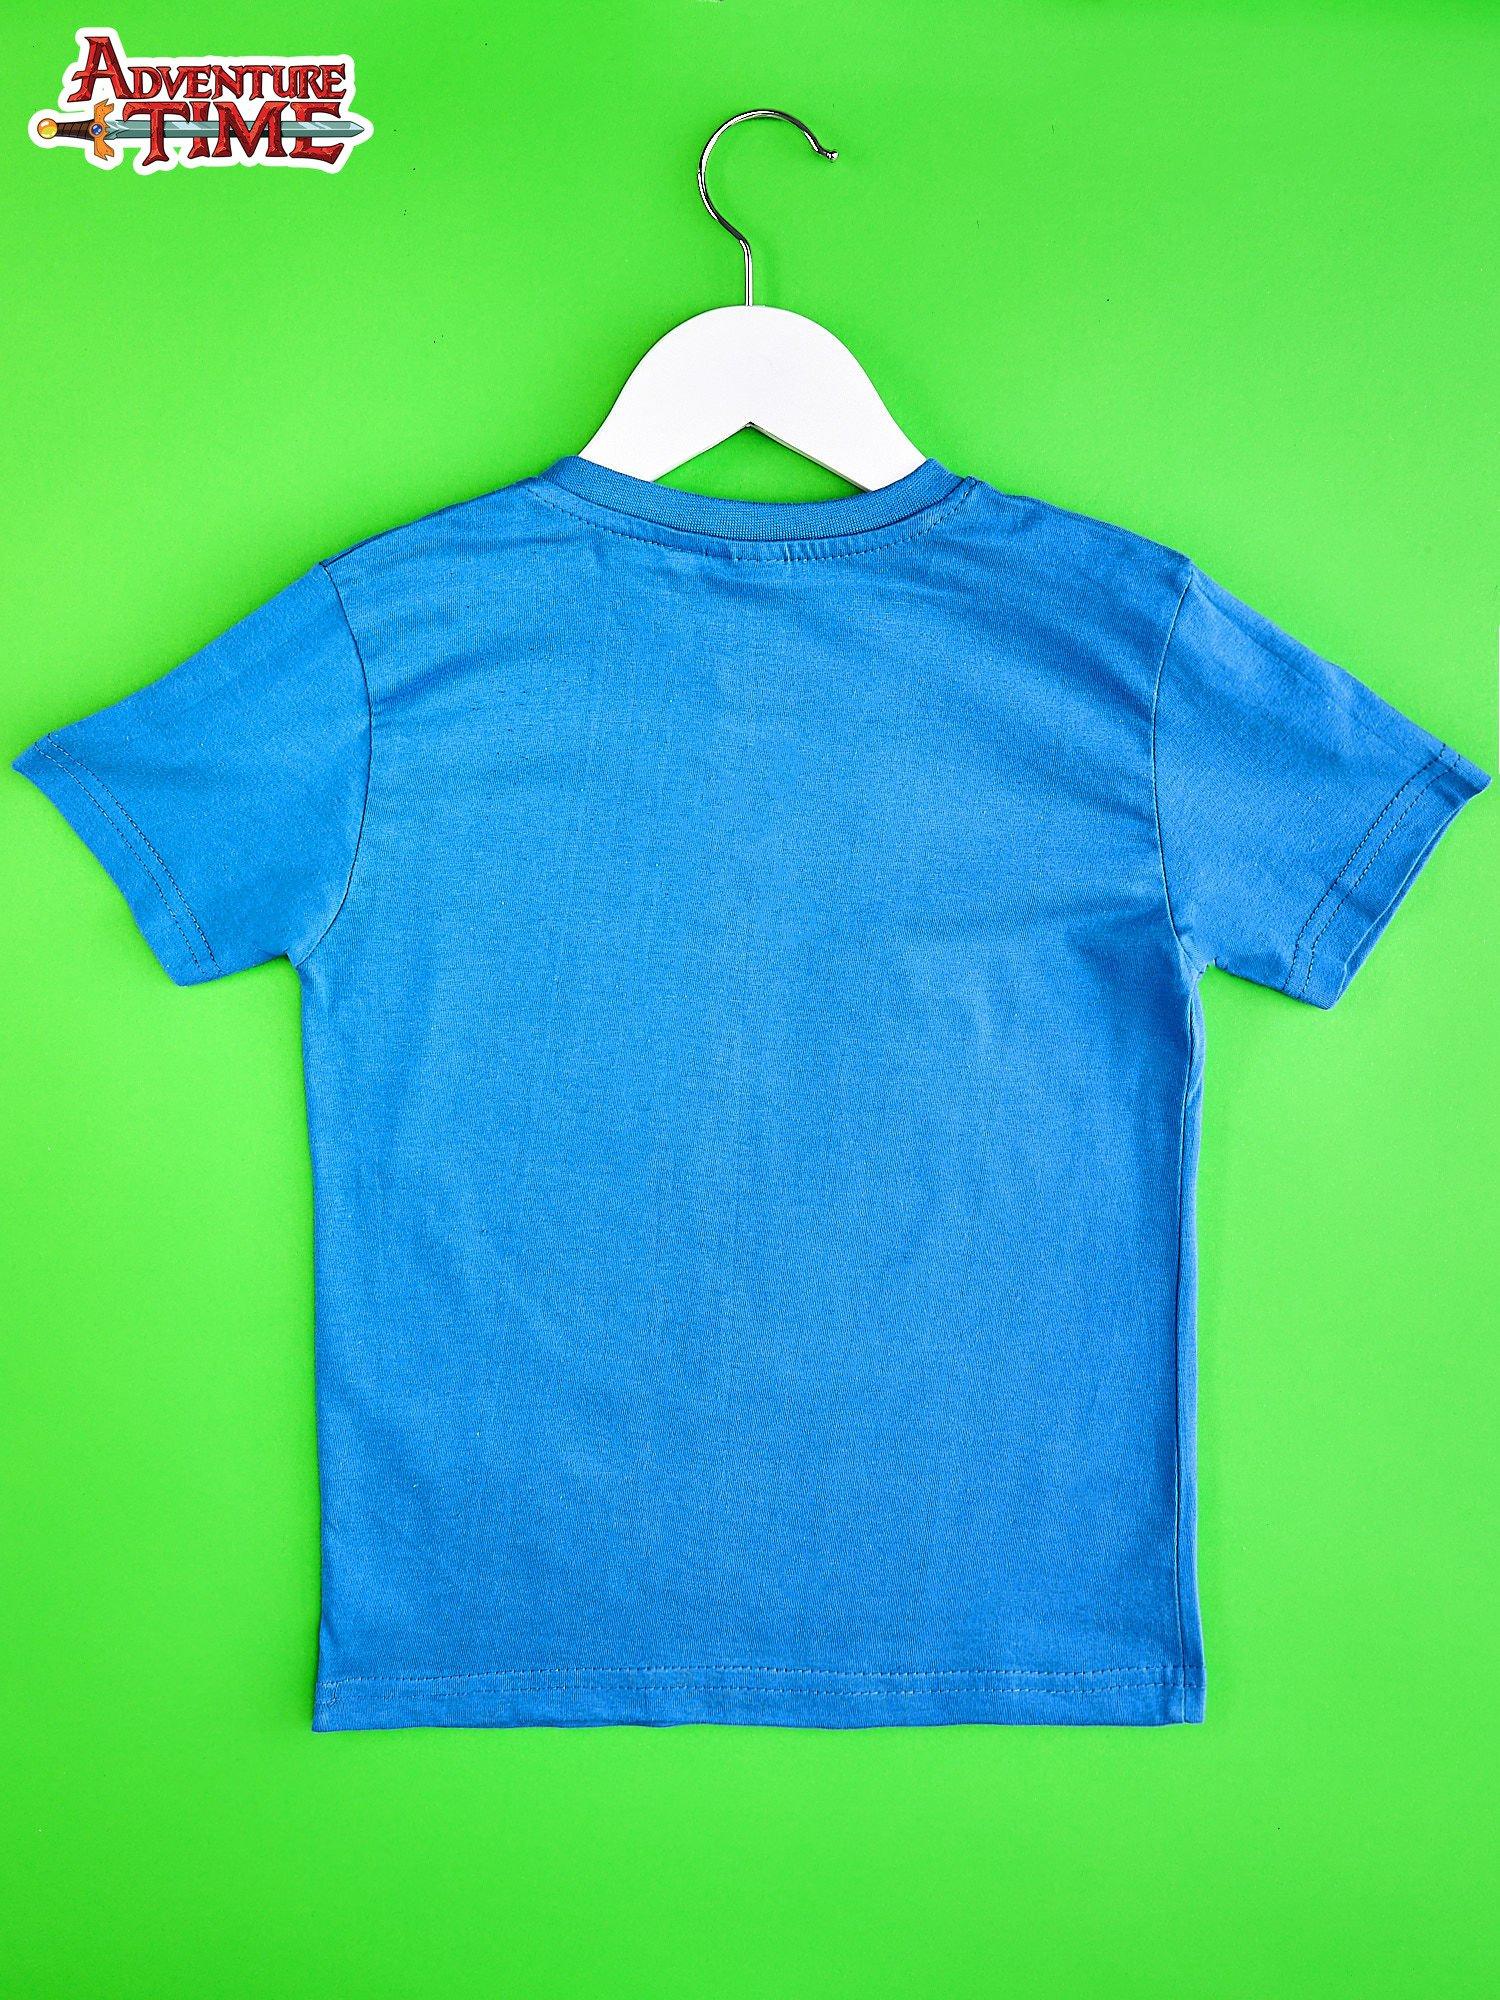 Niebieski t-shirt chłopięcy  motywem ADVENTURE TIME                                   zdj.                                  2